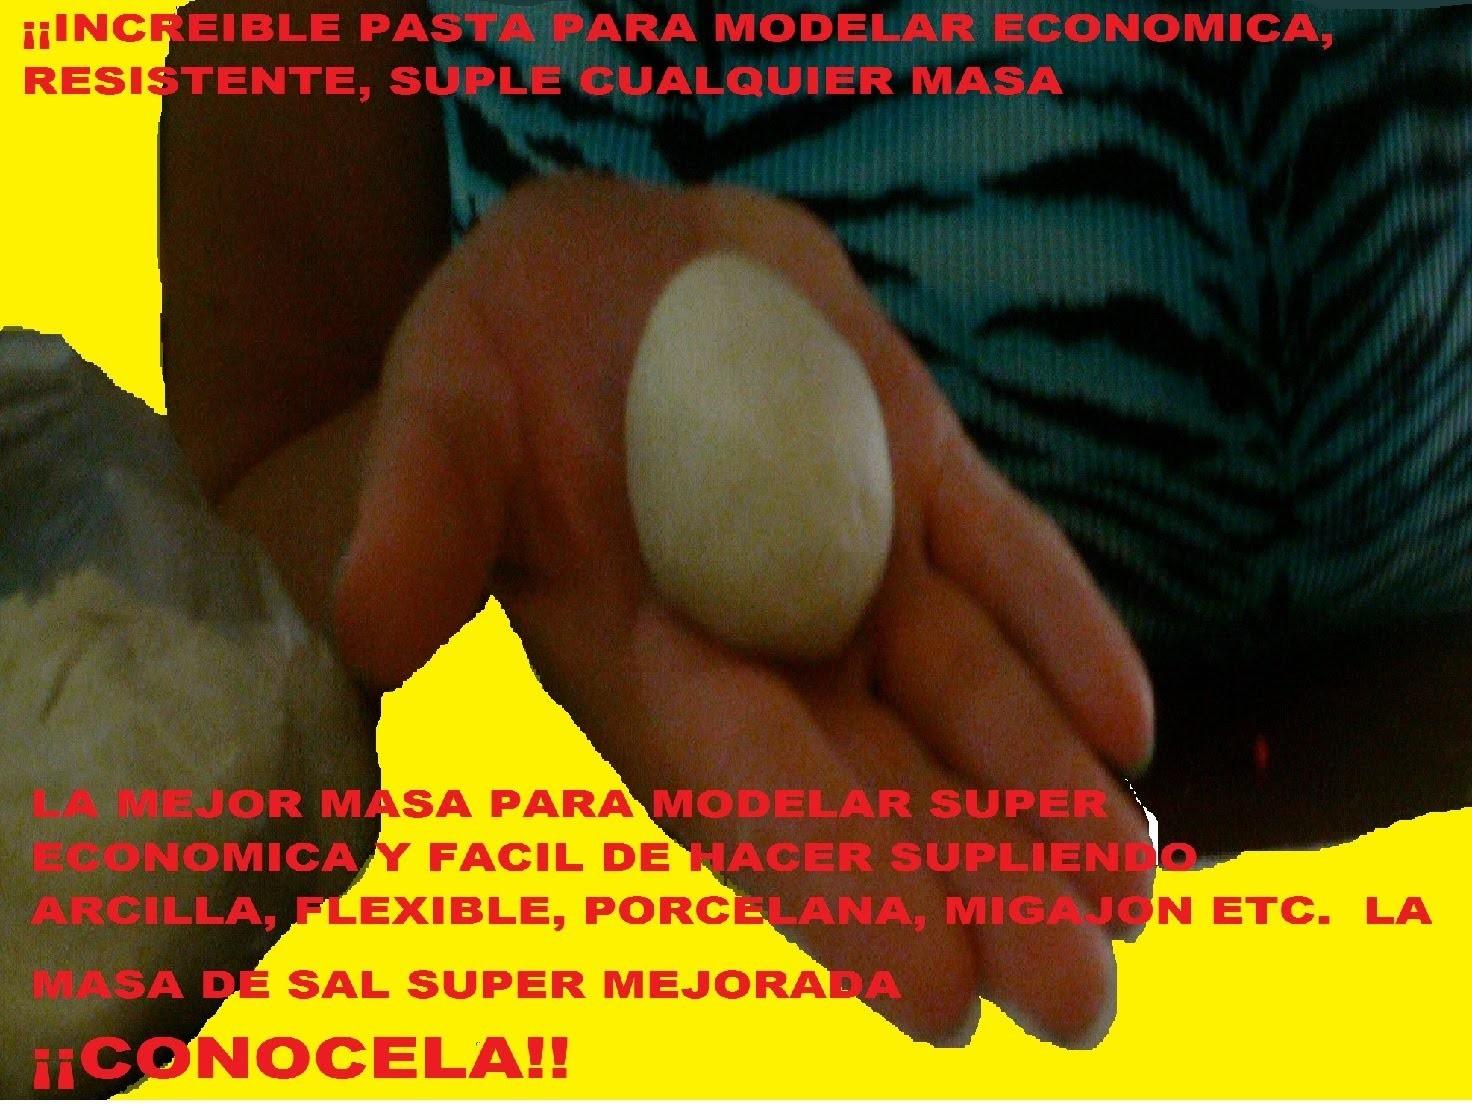 LA MEJOR Y MEJORADA PASTA PARA MODELAR PASTA DE SAL, SUPLE ARCILLA, PASTA FRANCESA  U LA QUE QUIERAS